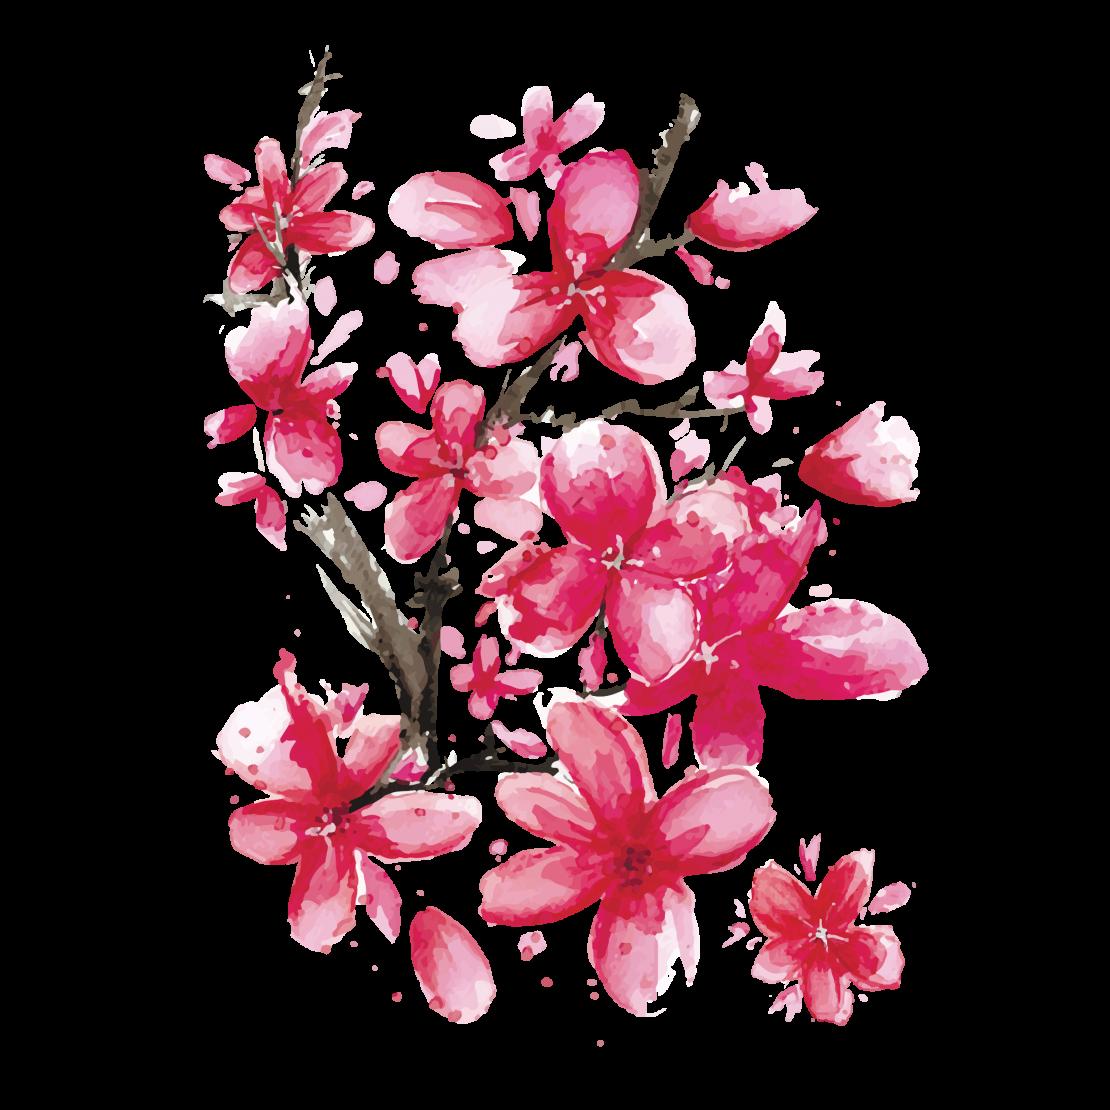 Sakura Png